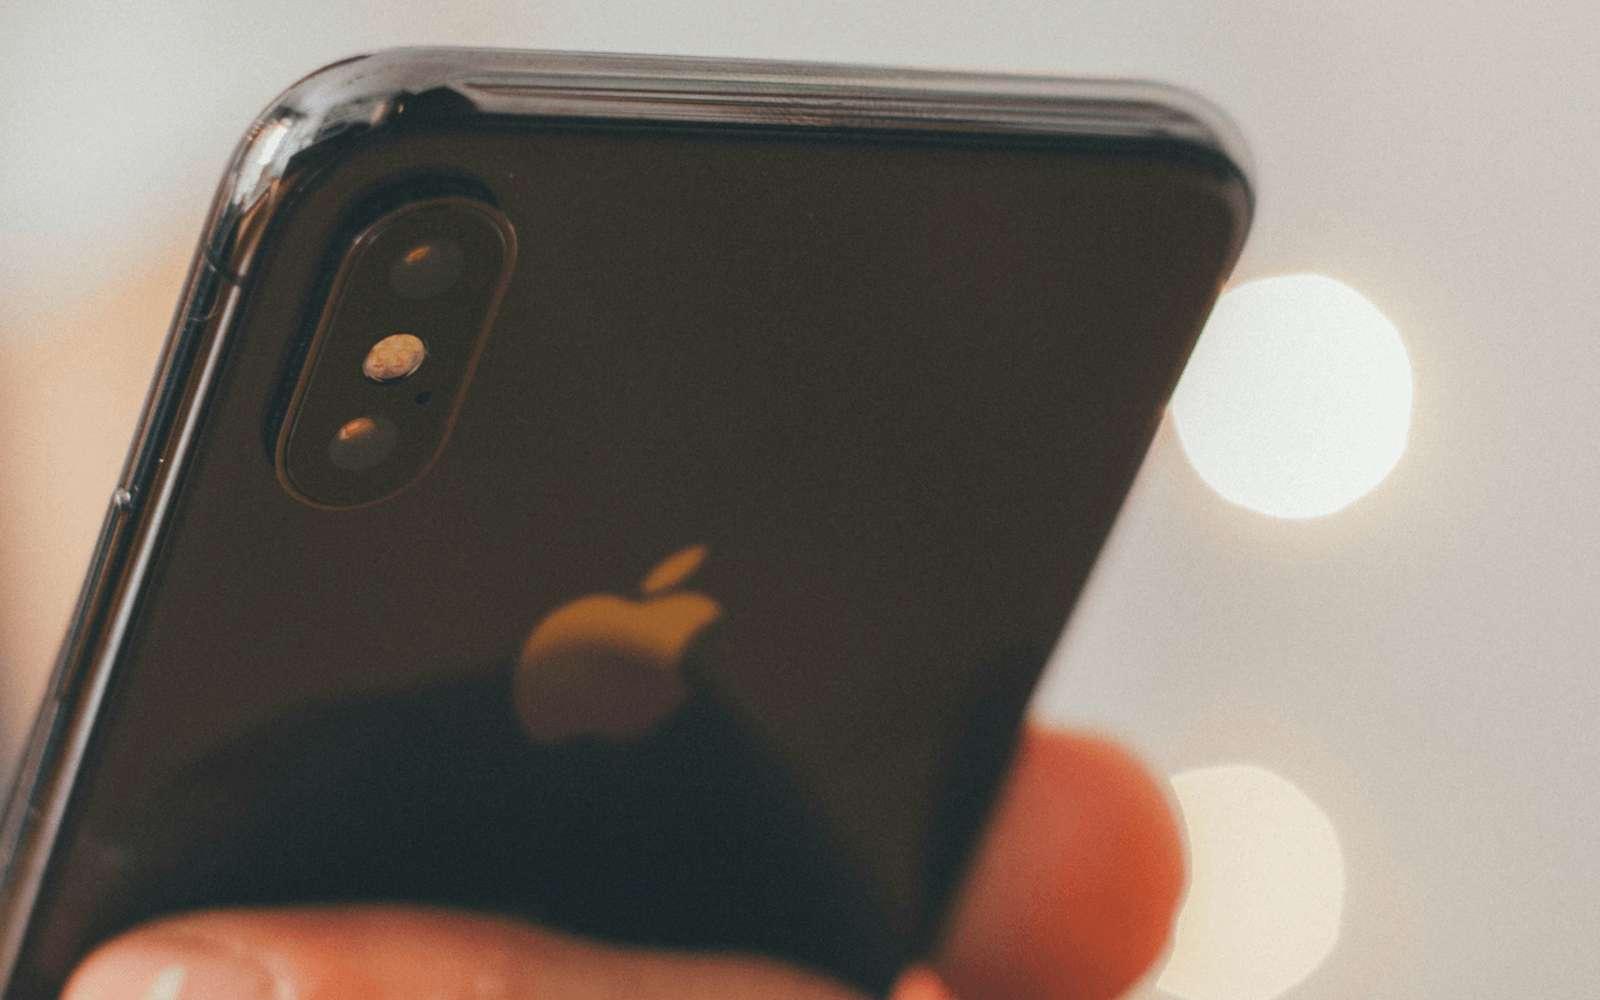 190 ¬ de remise sur l'iPhone X 64 go chez Cdiscount